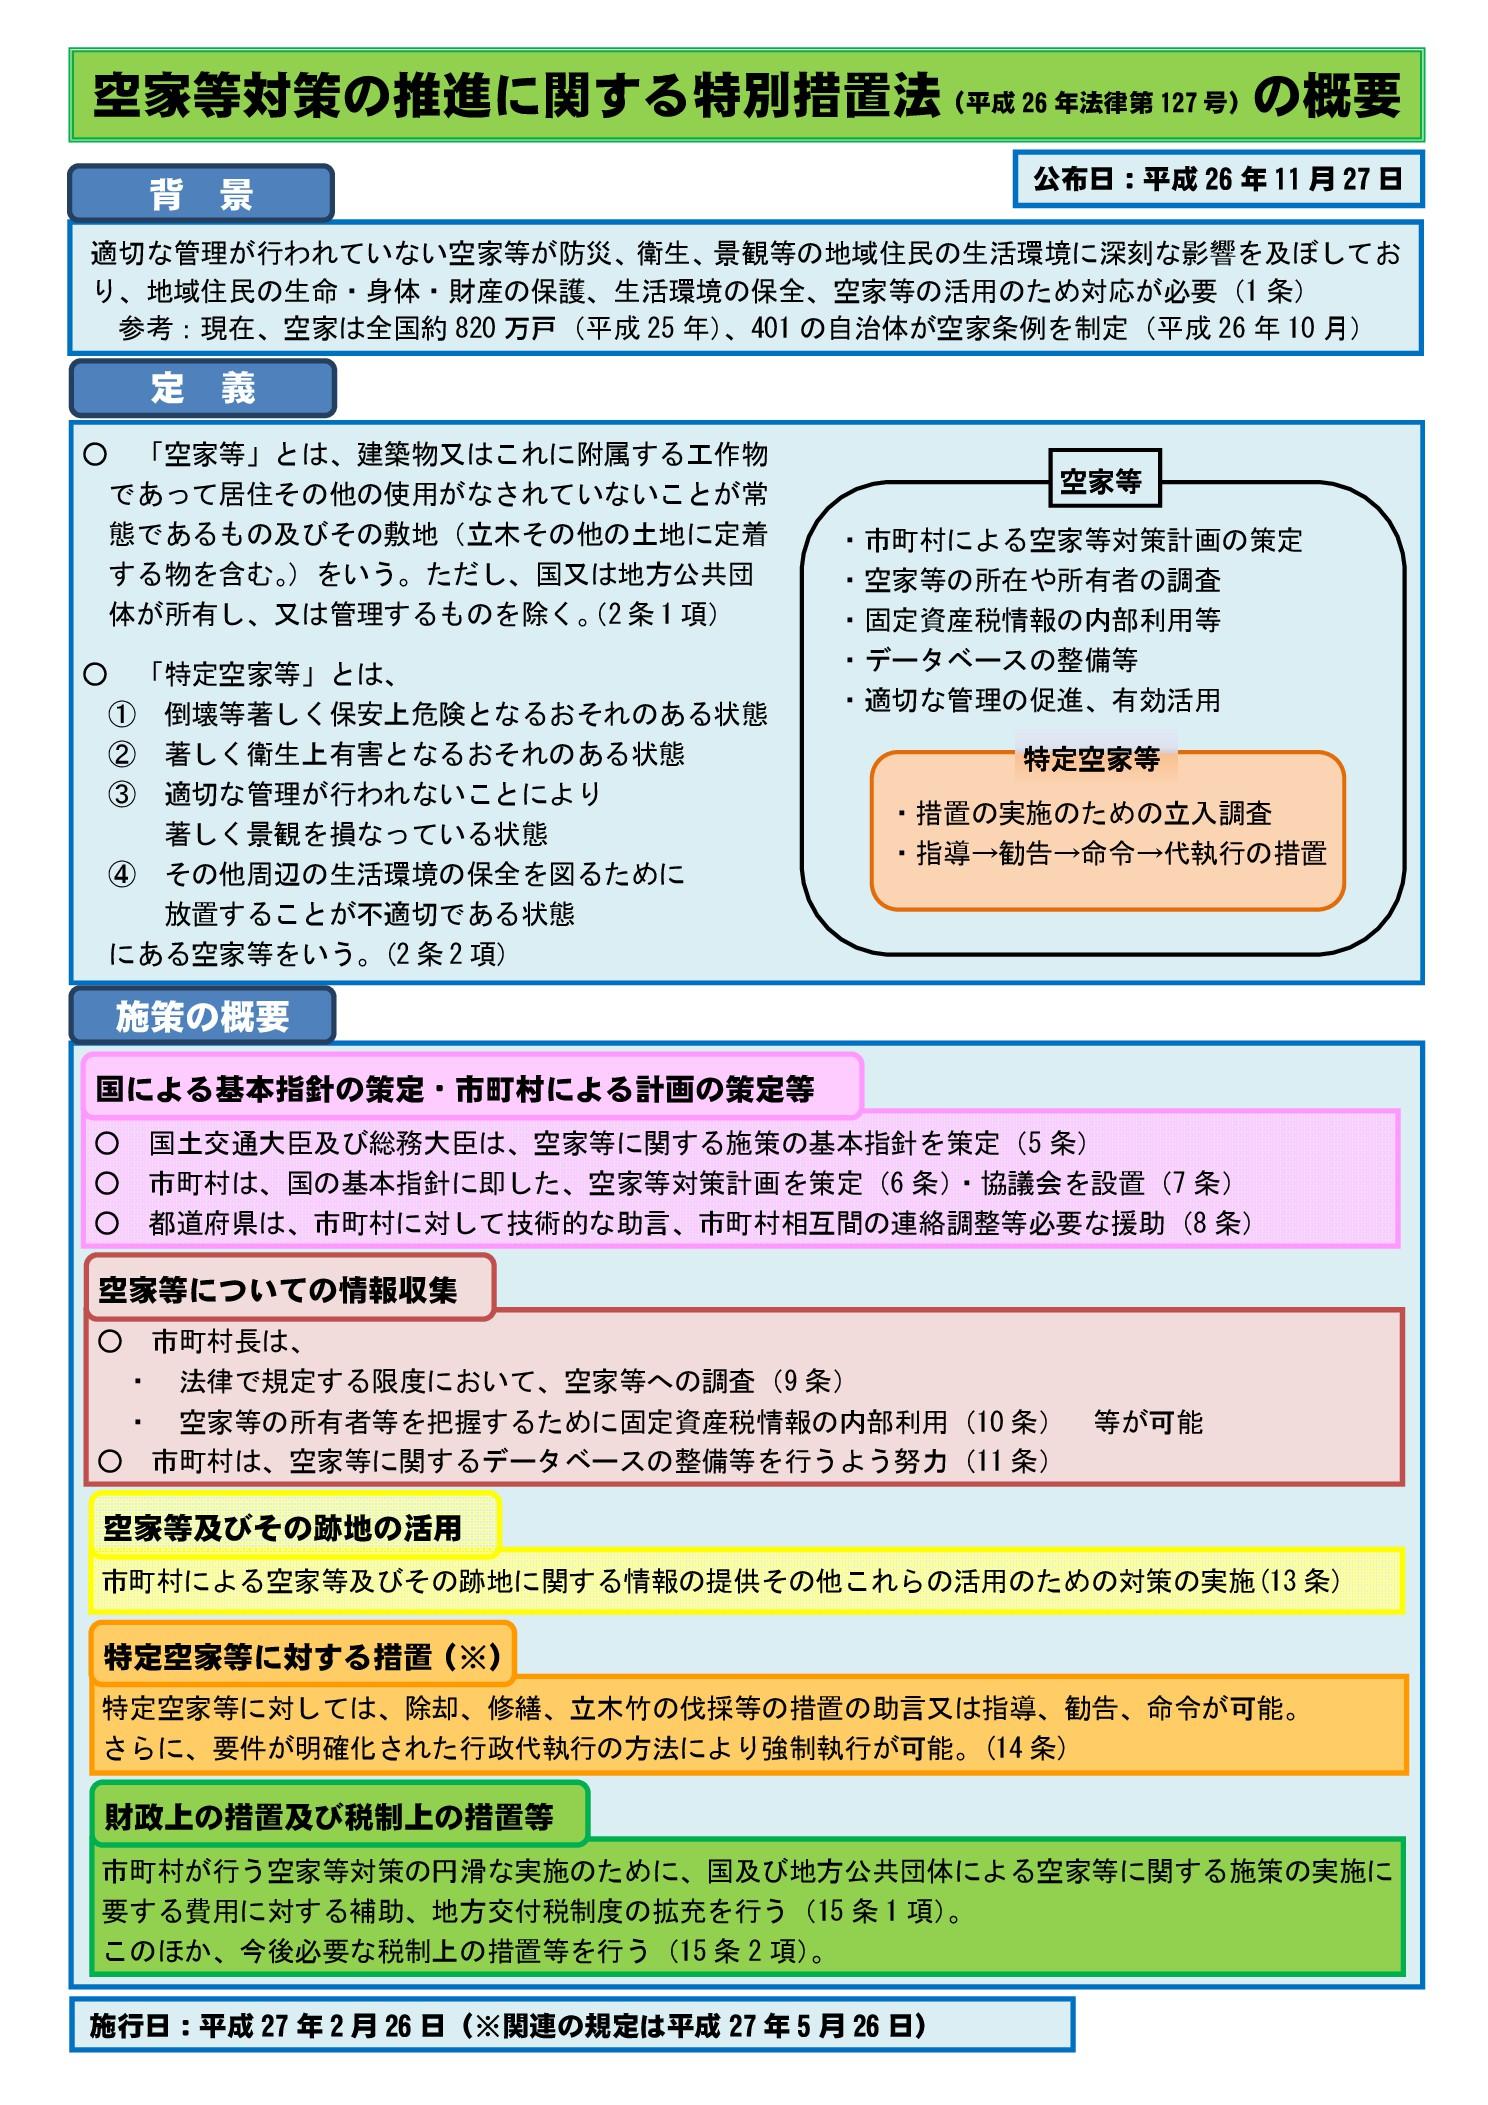 空家等対策の推進に関する特別措置法